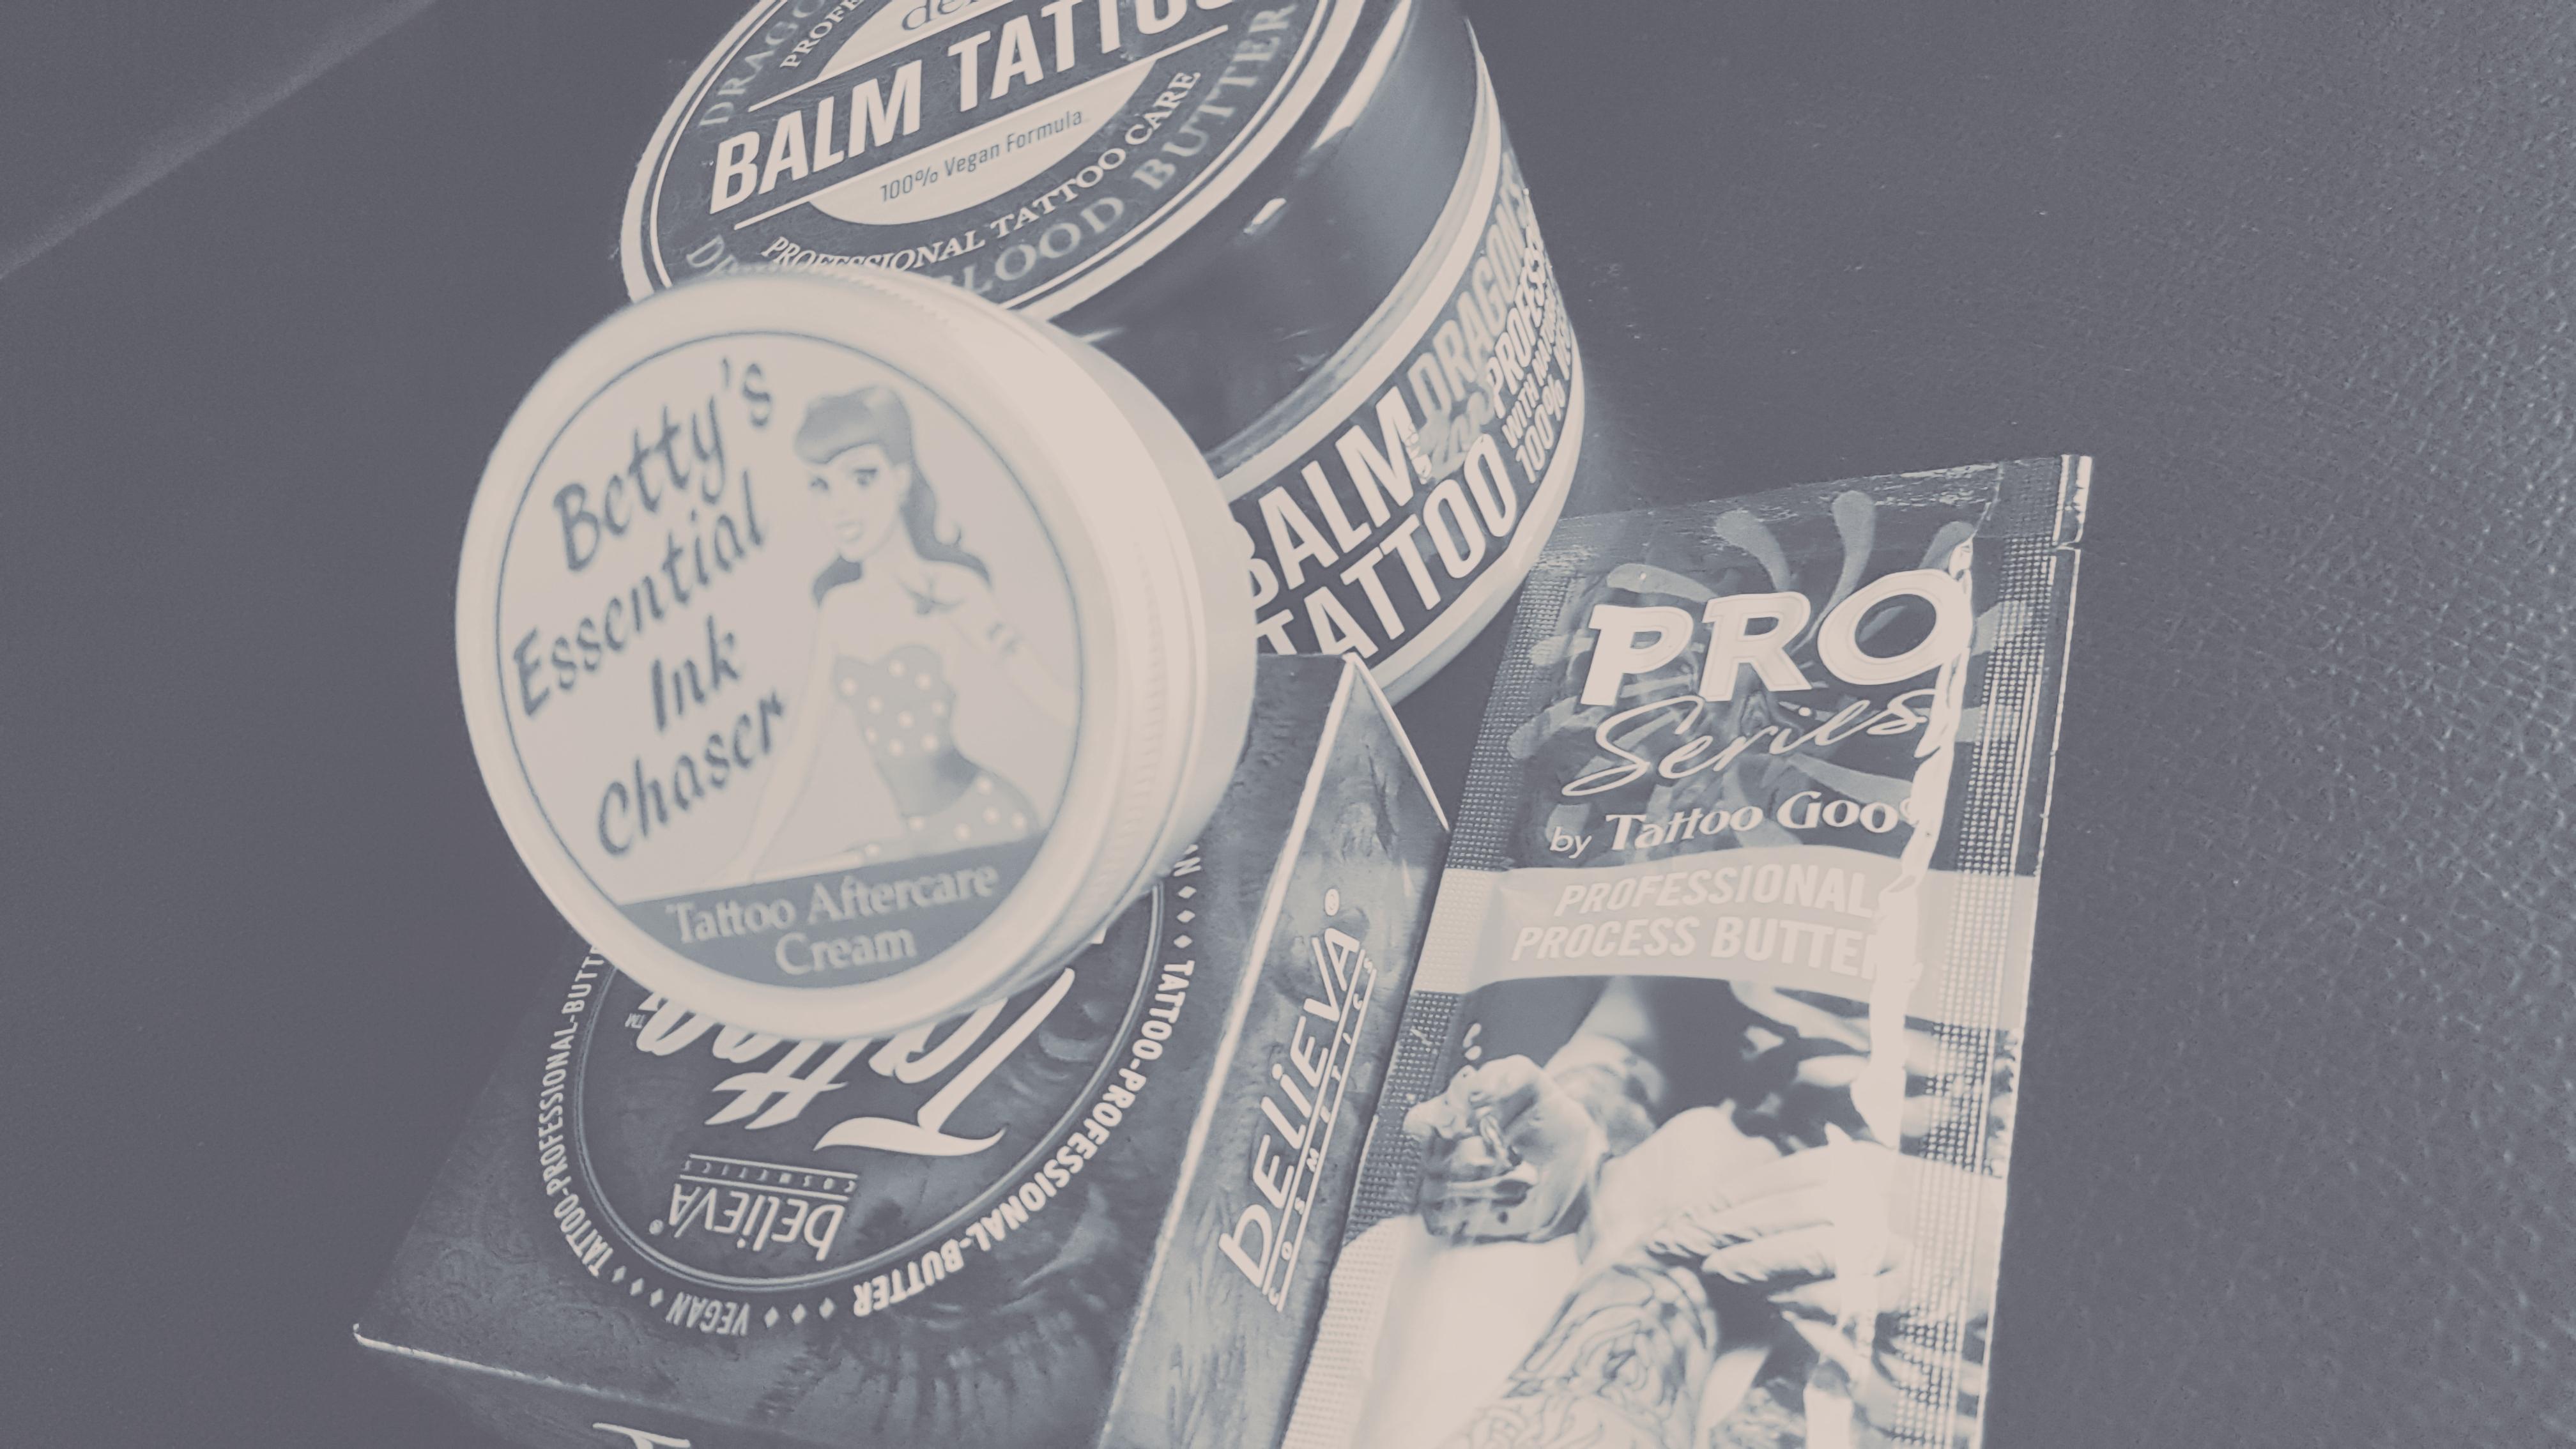 Aftercare Pflegeprodukte Tattoopflege